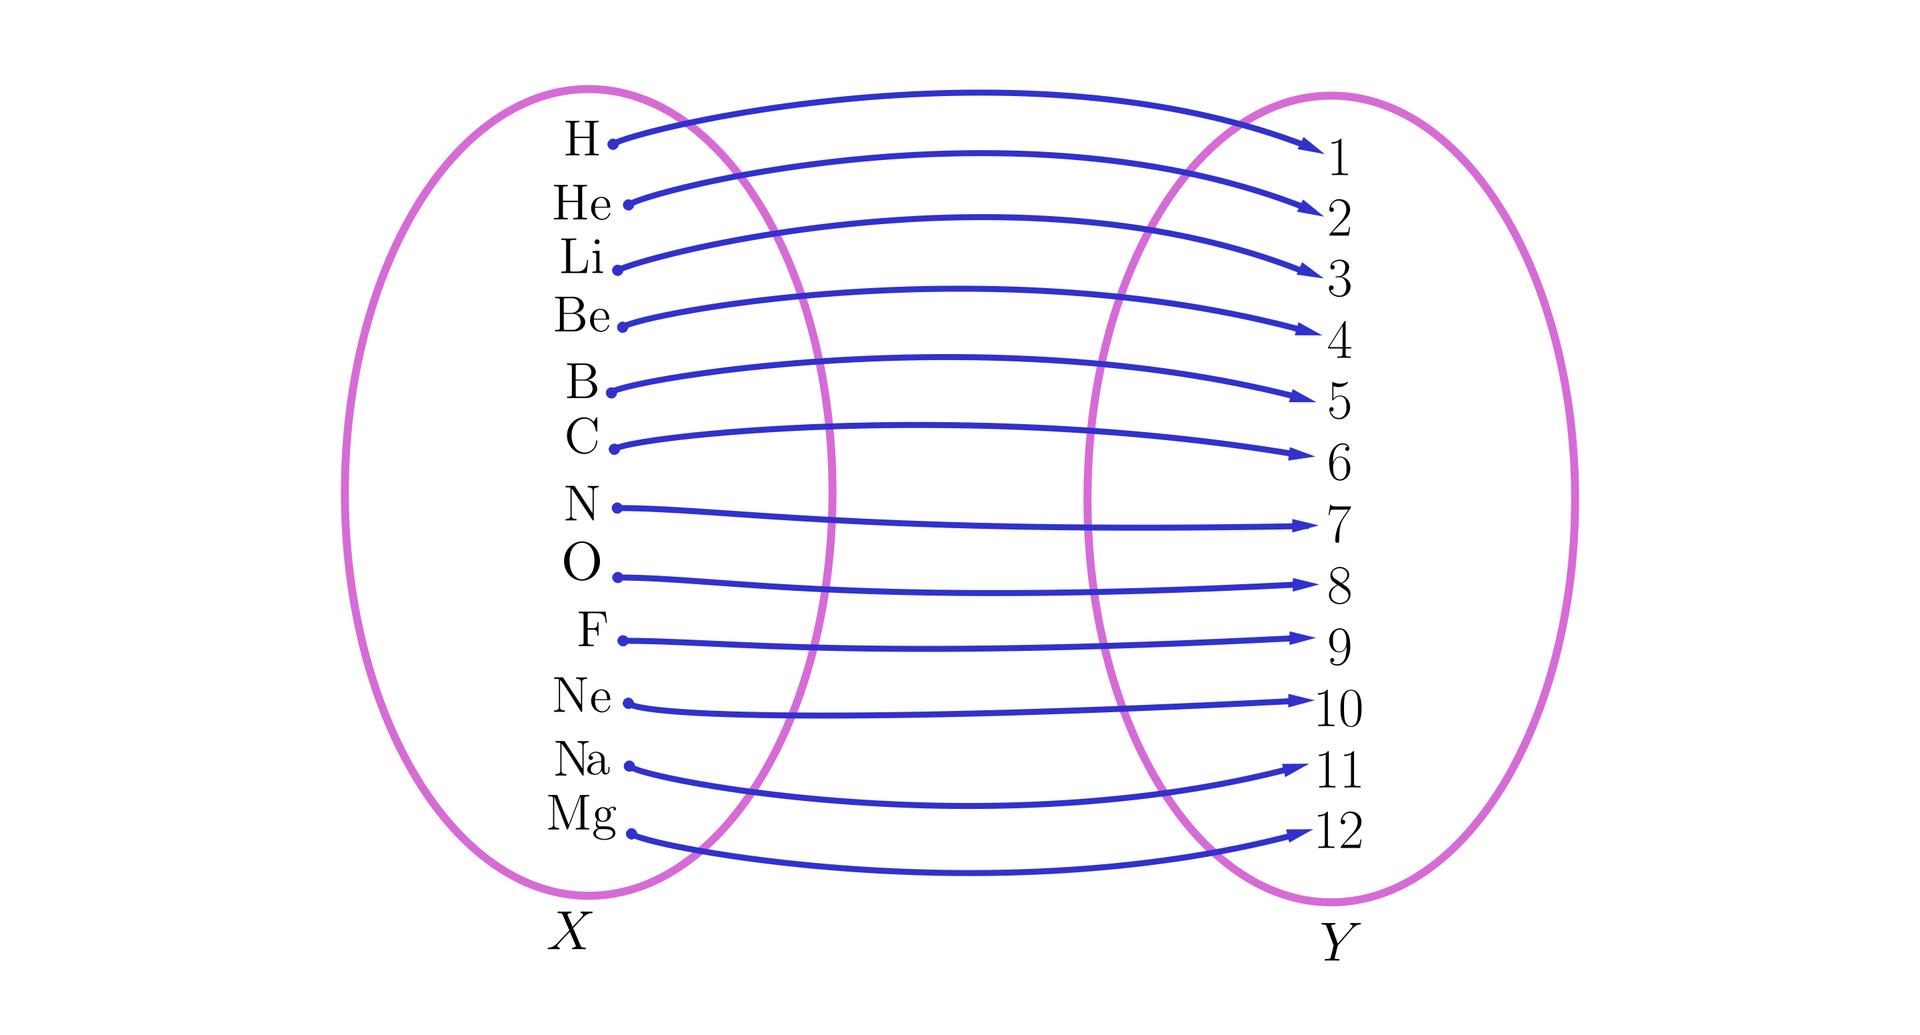 Wprzykłacie znajdują się dwa zbiory. Zbiór Xoraz zbiór Y. Zbiór Xposada następujące elementy: H, HE, LI, BE, B, C, N, O, F, NE, NAoraz MG. Zbiór Yposiada następujące elementy: jeden, dwa, trzy, cztery, pięć, sześć, siedem, osiem, dziewięć, dziesięć, jedenaście oraz dwanaście.  Elementy zbioru Xpołączone są strzałkami zelementami zbioru Y. Pomiędzy zbiorami występują następujące połączenia: Hzjeden, HEzdwa, LIztrzy, BEzcztery, Bzpięć, Czsześć, Nzsiedem, Ozosiem, Fzdziewięć, NEzdziesięć, NAzjedenaście oraz MGzdwanaście.